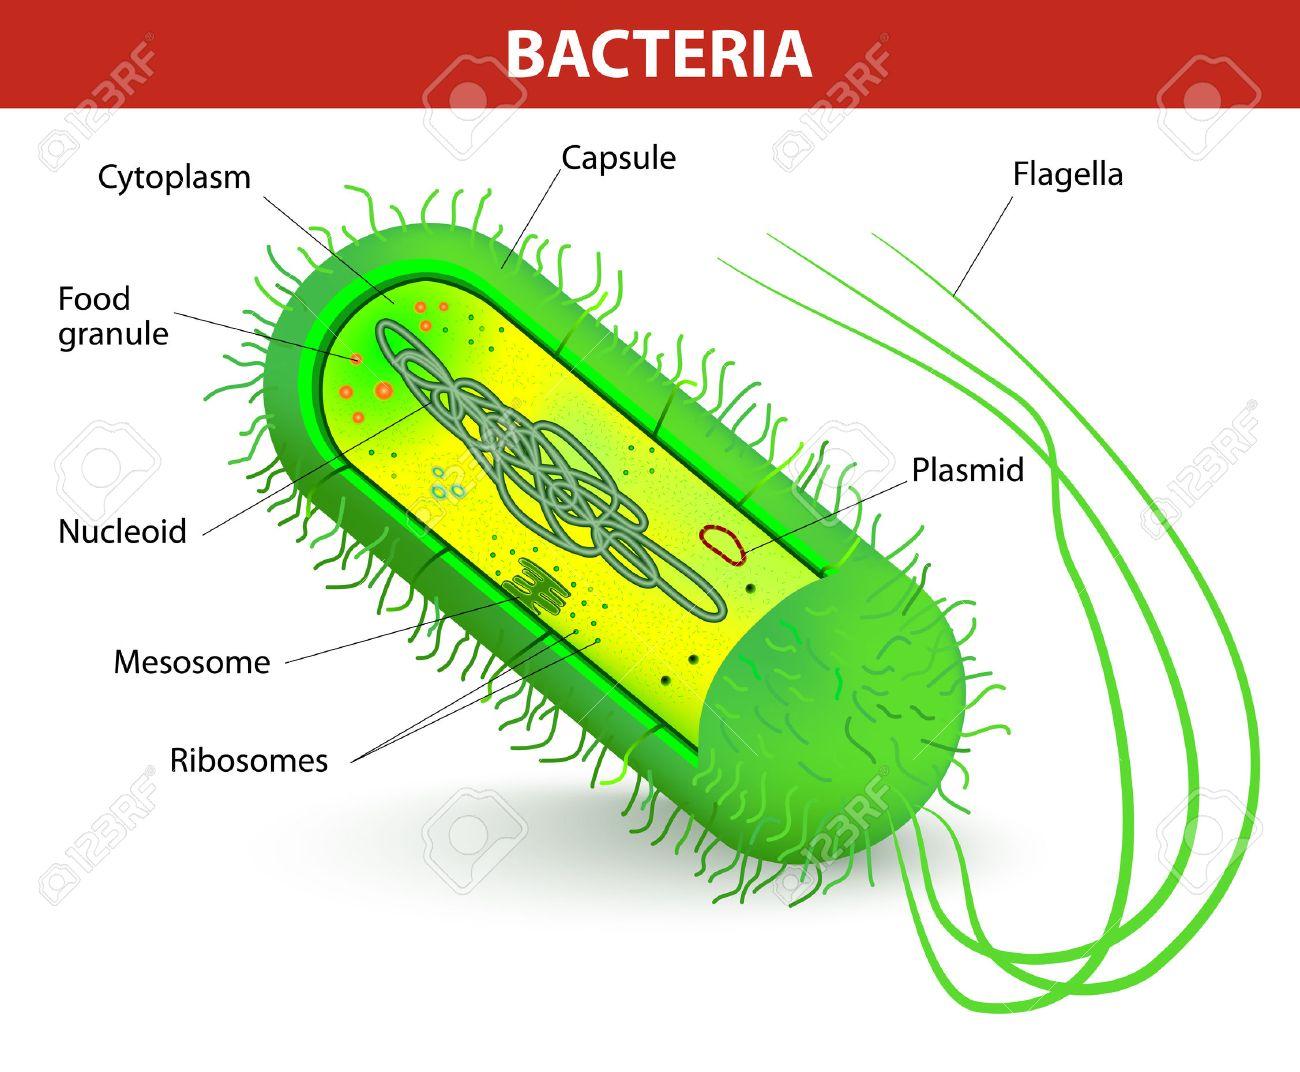 Bacteria Cell Anatomy Vector Diagram Royalty Free Cliparts, Vectors ...